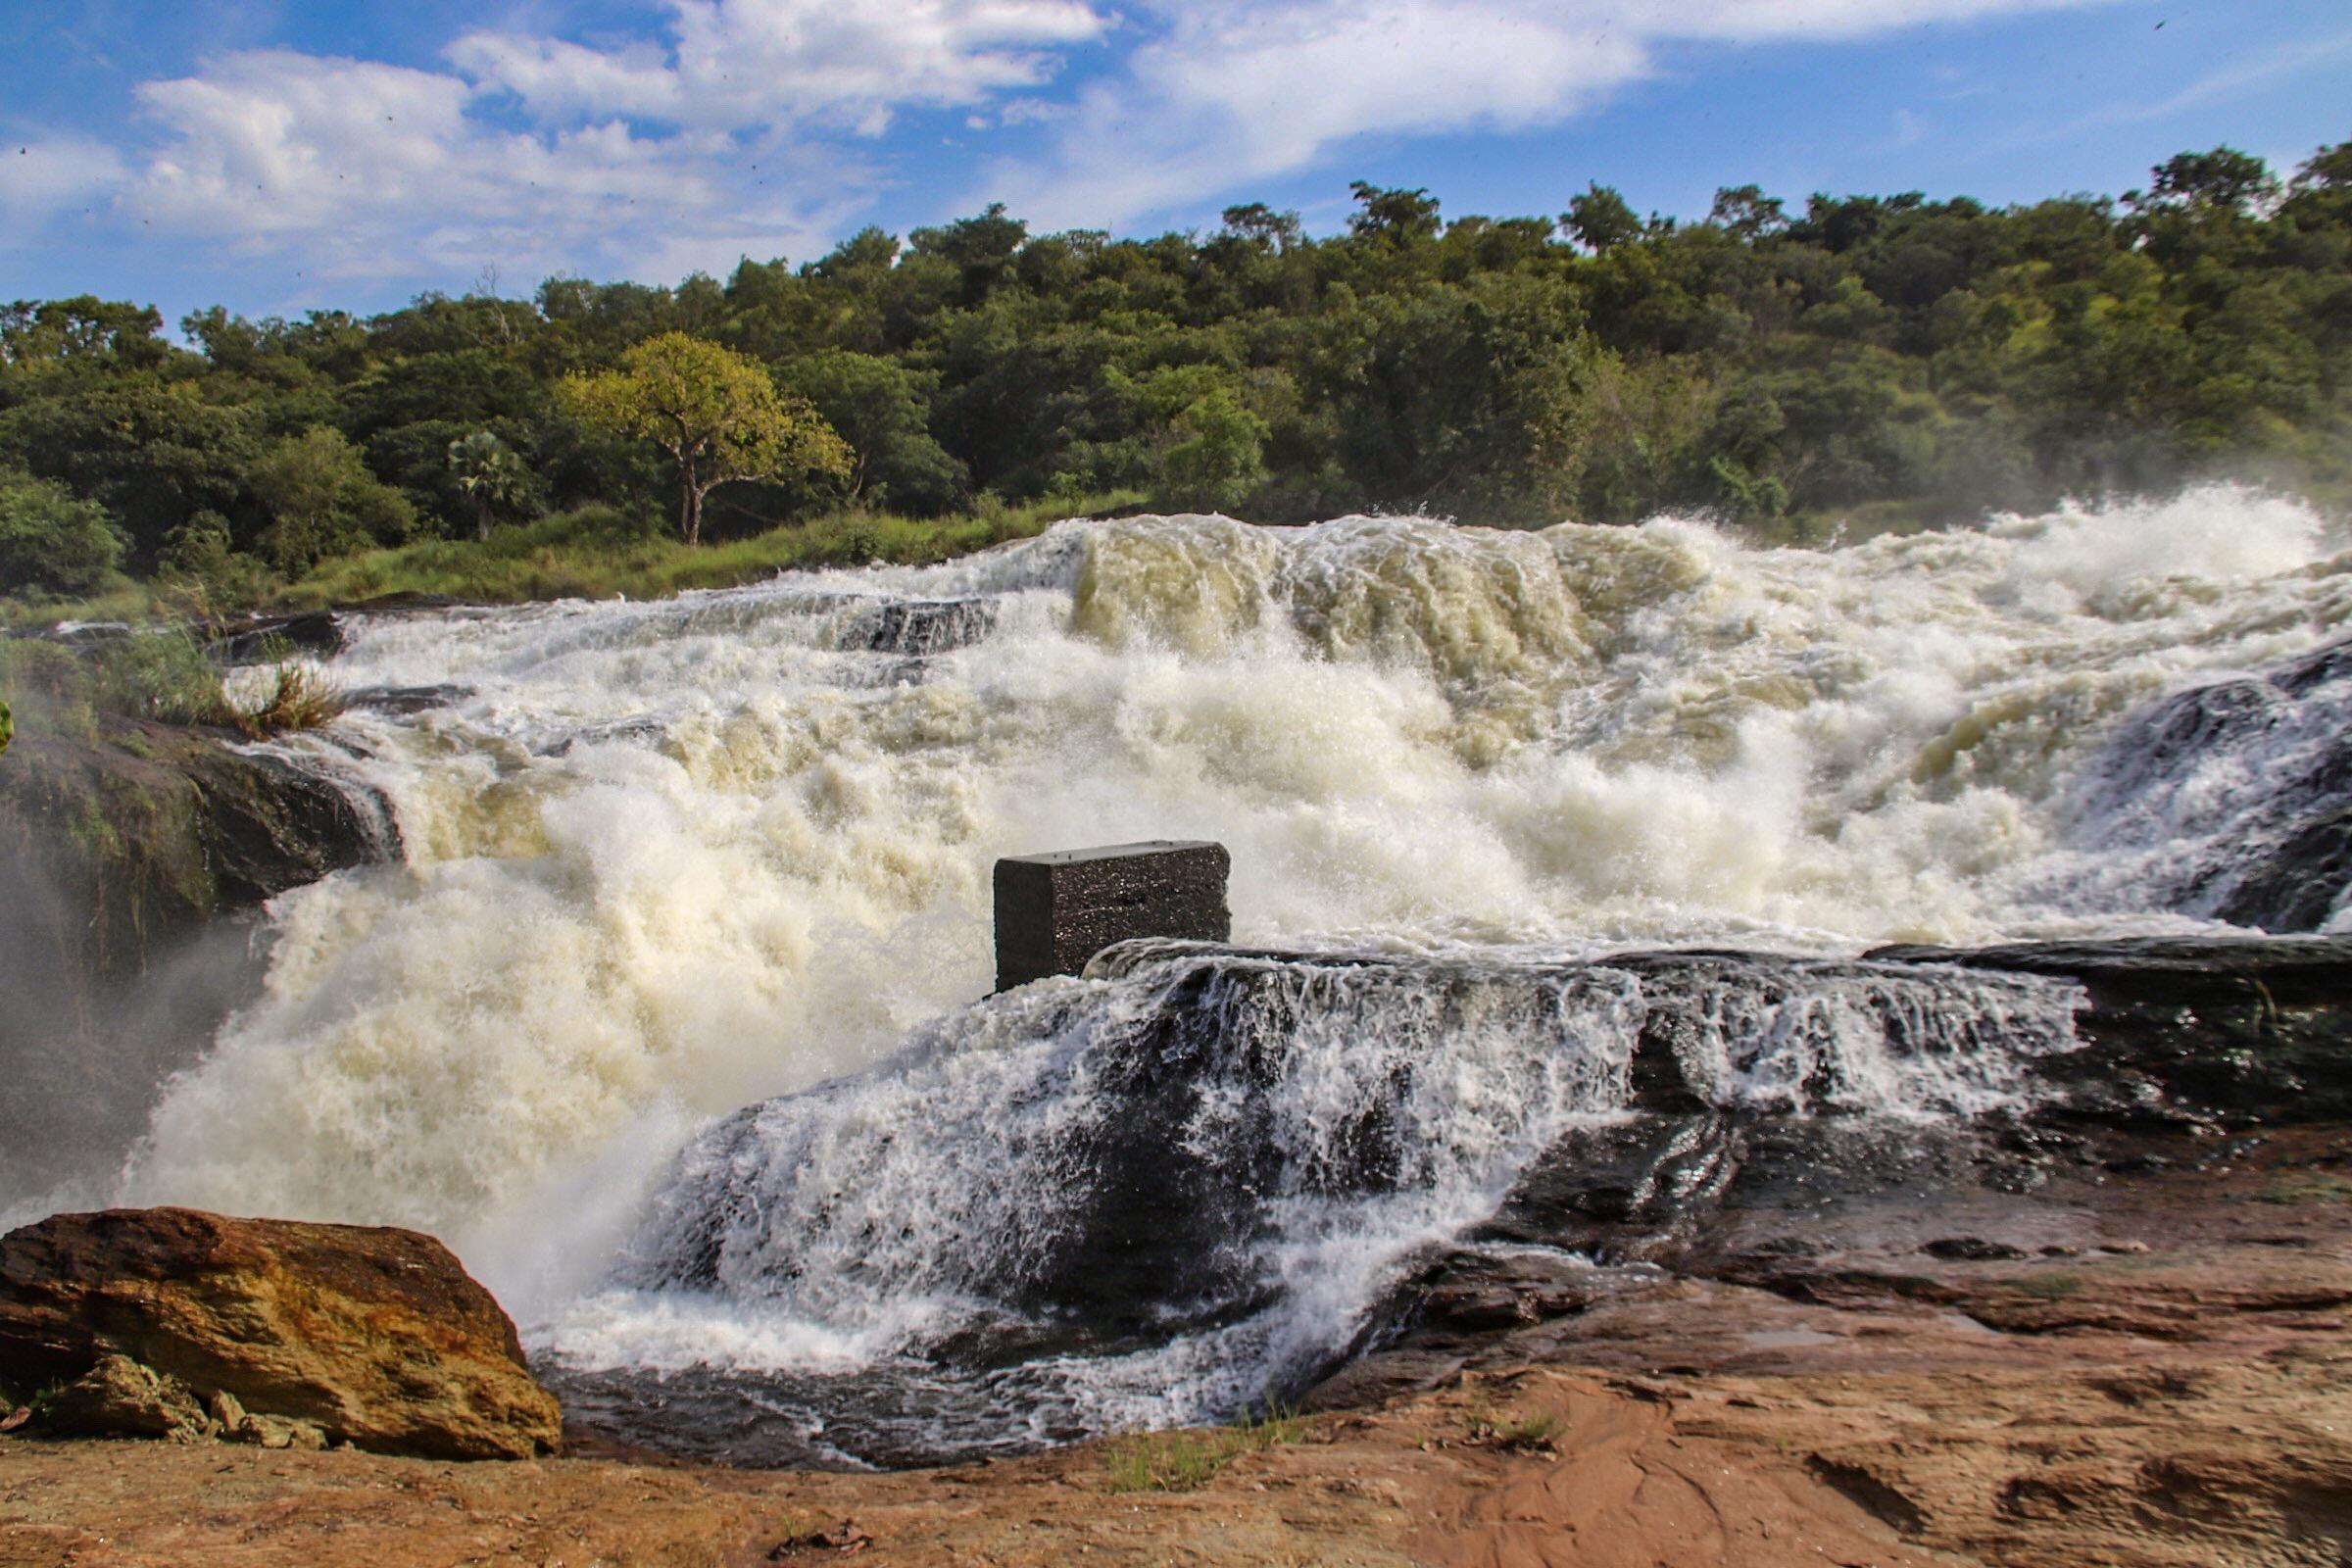 10-Day Wildlife Big 5, Murchison Falls, and Gorilla Trekking Safaris in Uganda 2